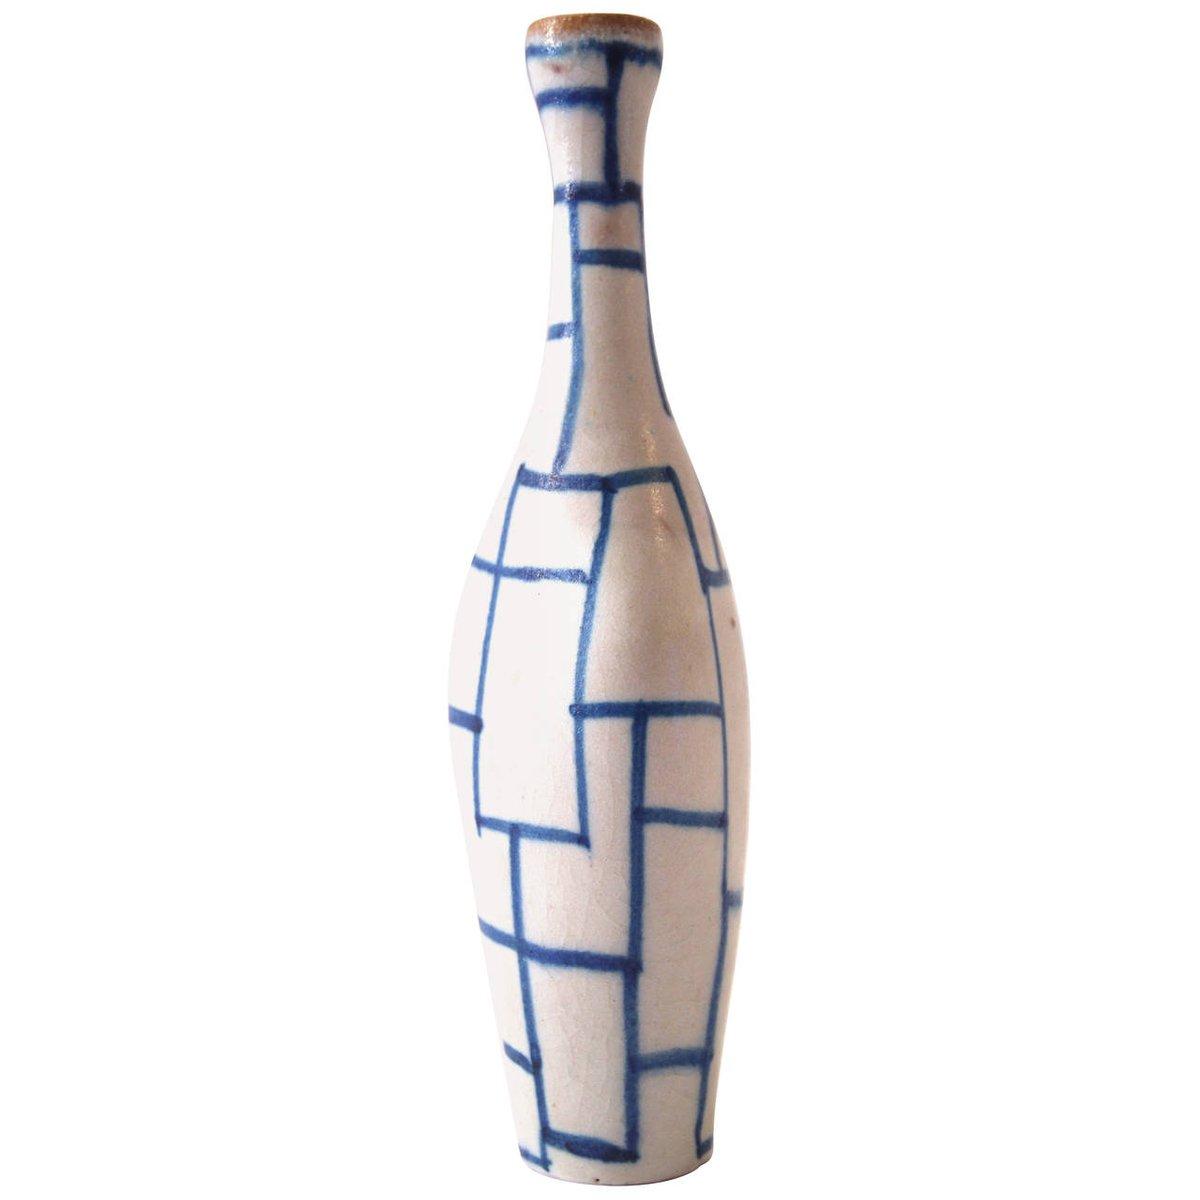 bouteille en c ramique vernis par guido gambone italie 1960s en vente sur pamono. Black Bedroom Furniture Sets. Home Design Ideas